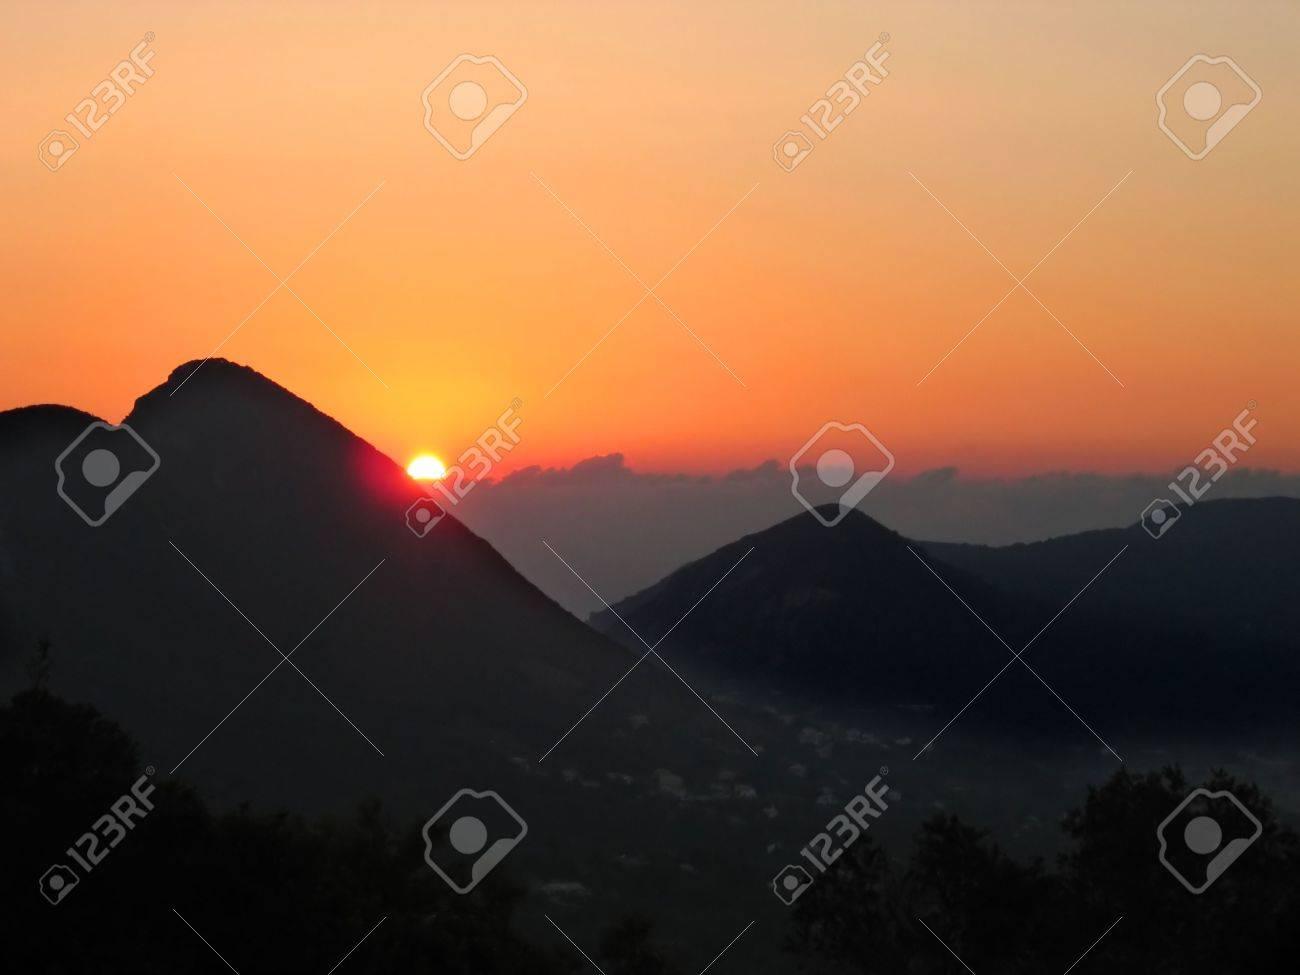 Orange sunset in the mountains. Corfu island, Greece - 5210170